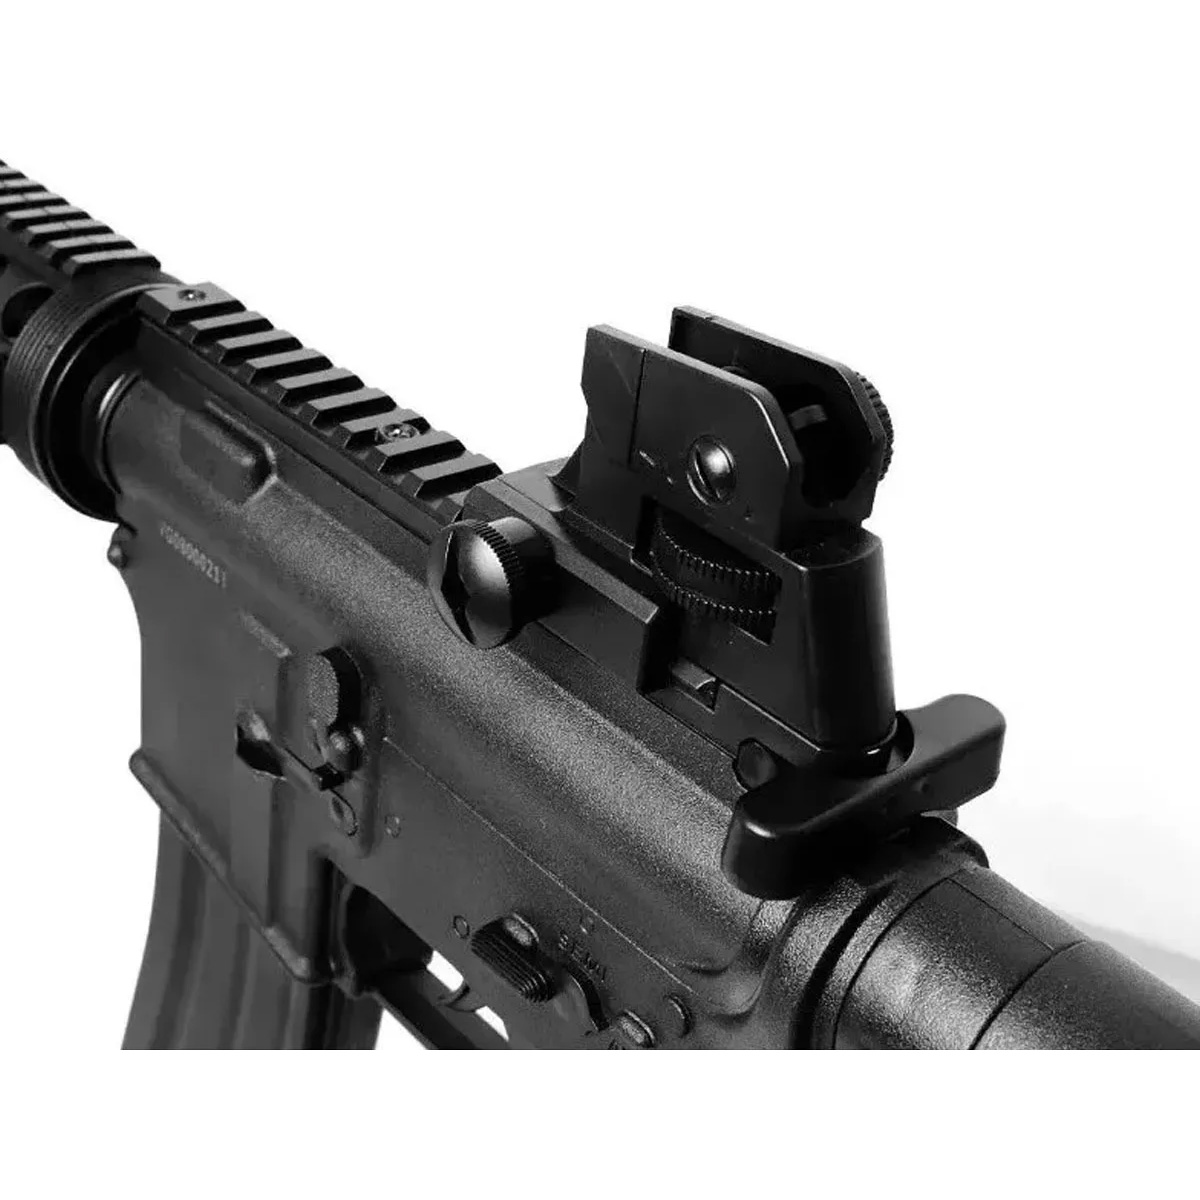 Airsoft Kit Pistola E Rifle M4a1 E Glock V307 6mm + 2000 Bbs